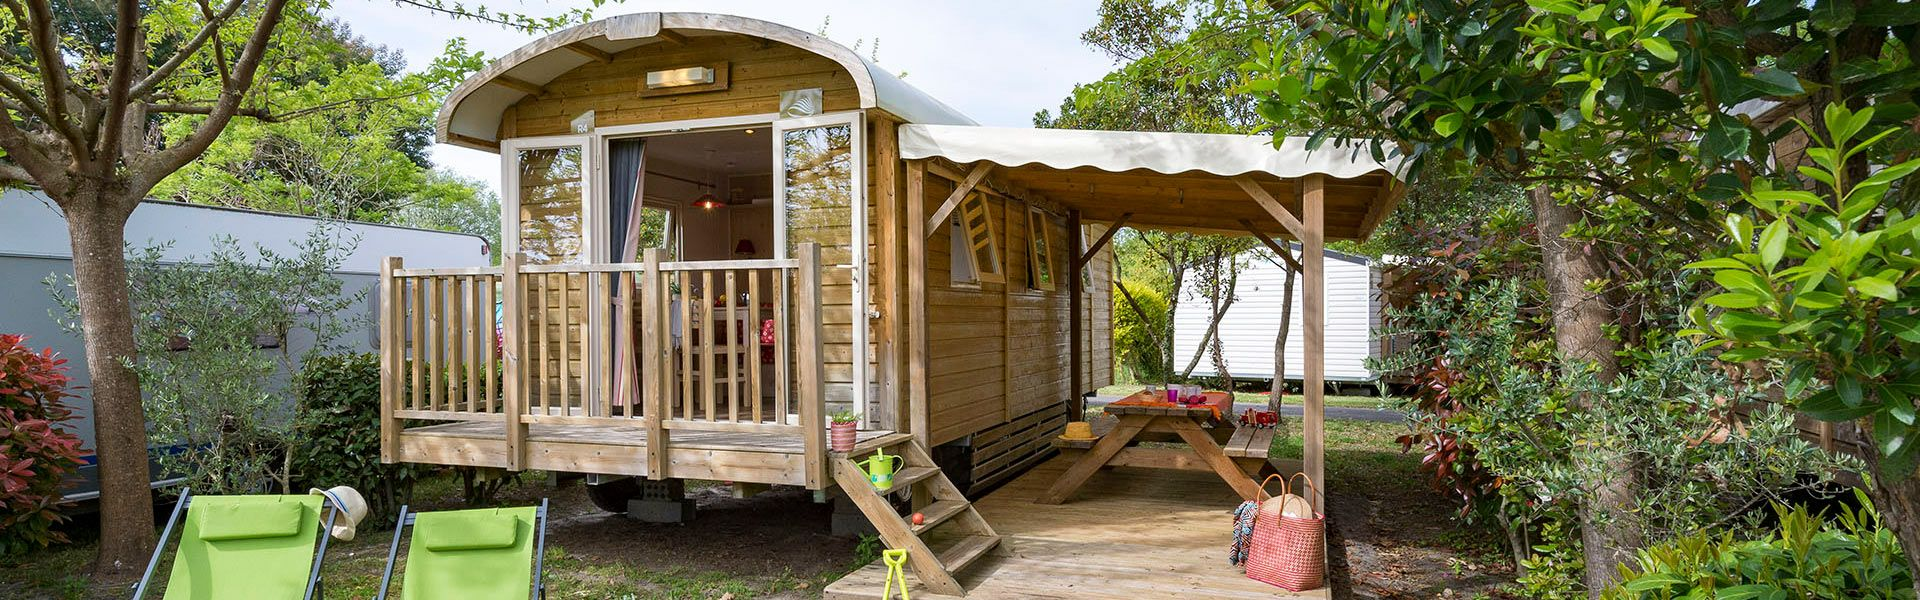 Camping Zigeunerwagen